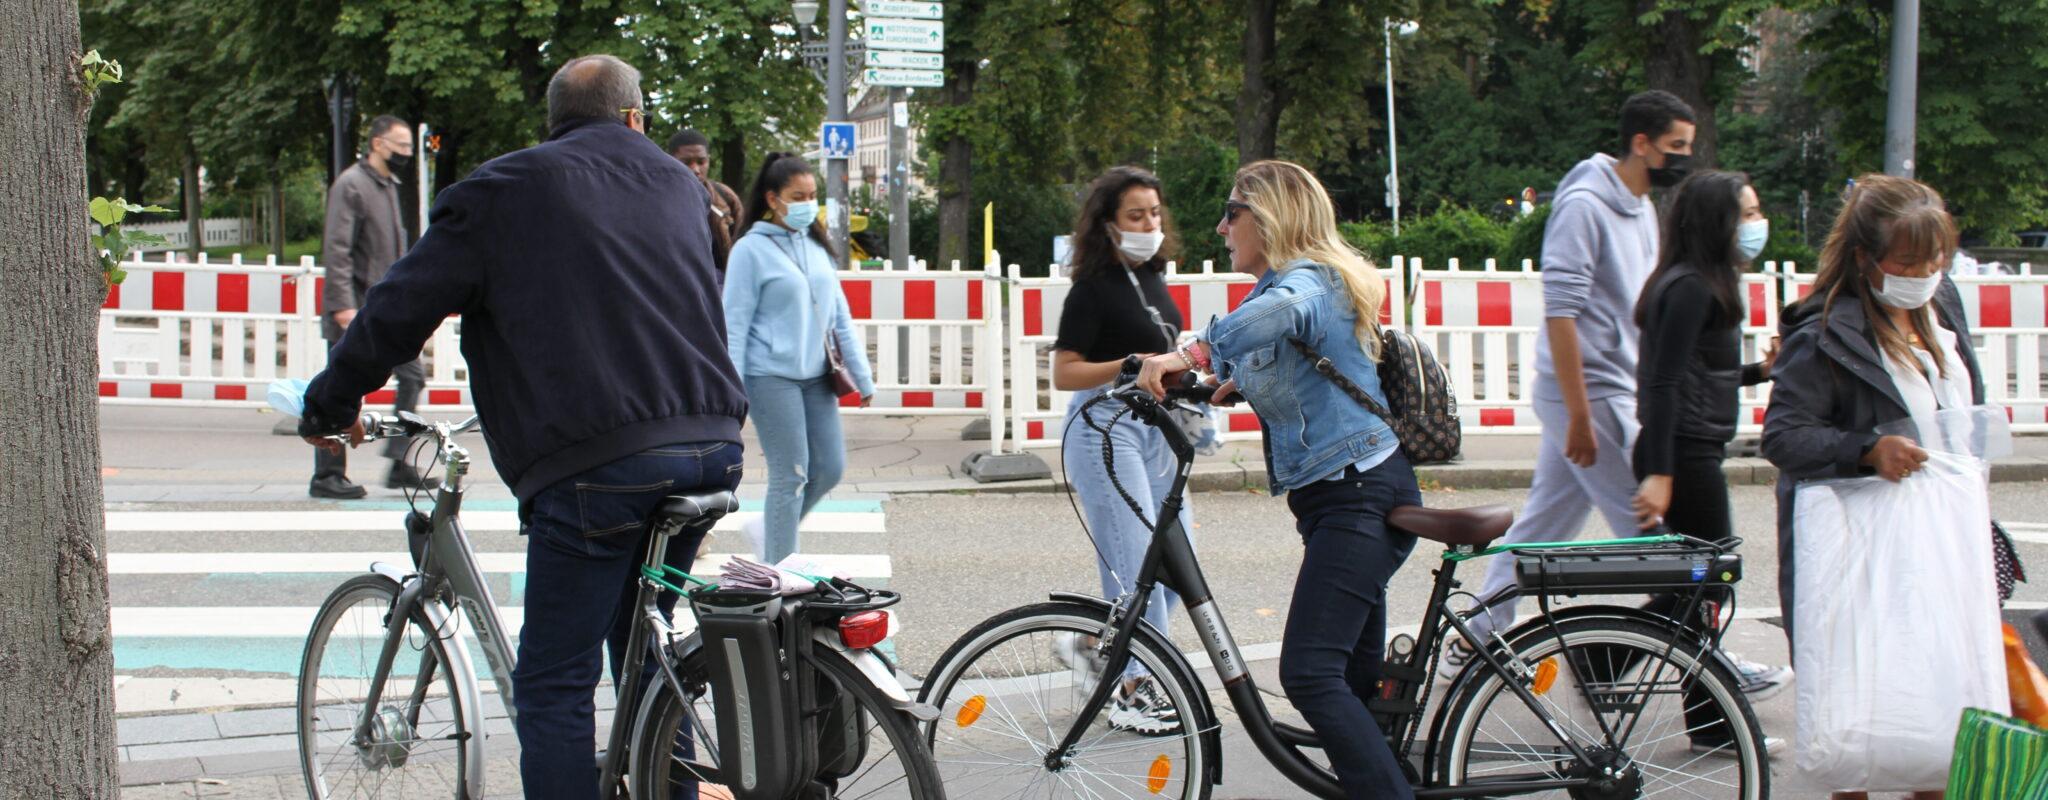 Le marché du vélo électrique en plein essor mais peu informé sur le recyclage